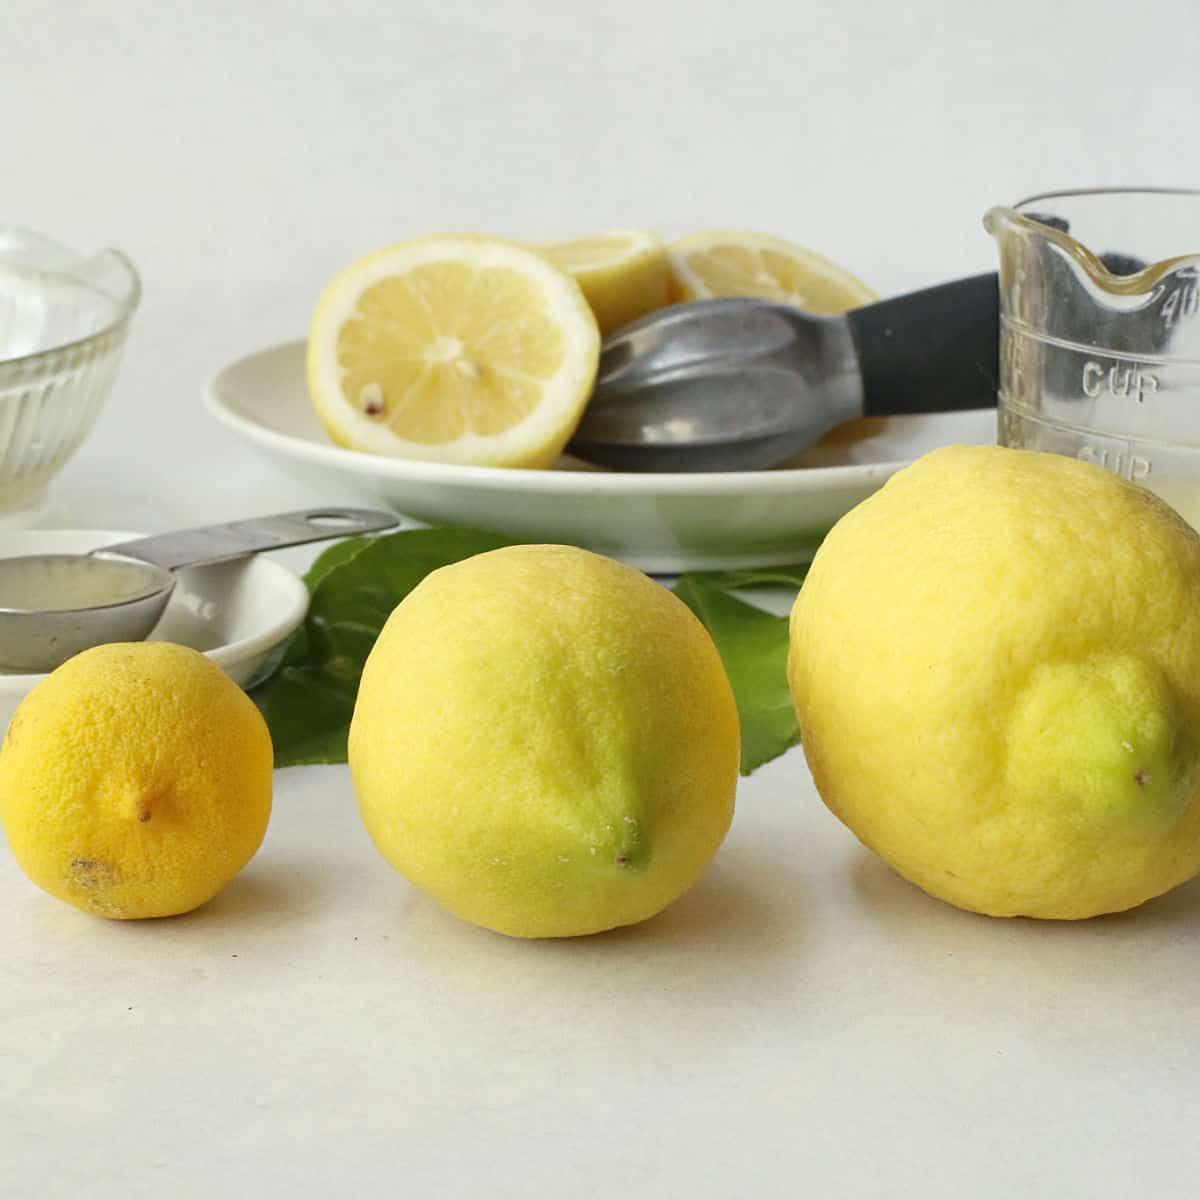 different lemon sizes